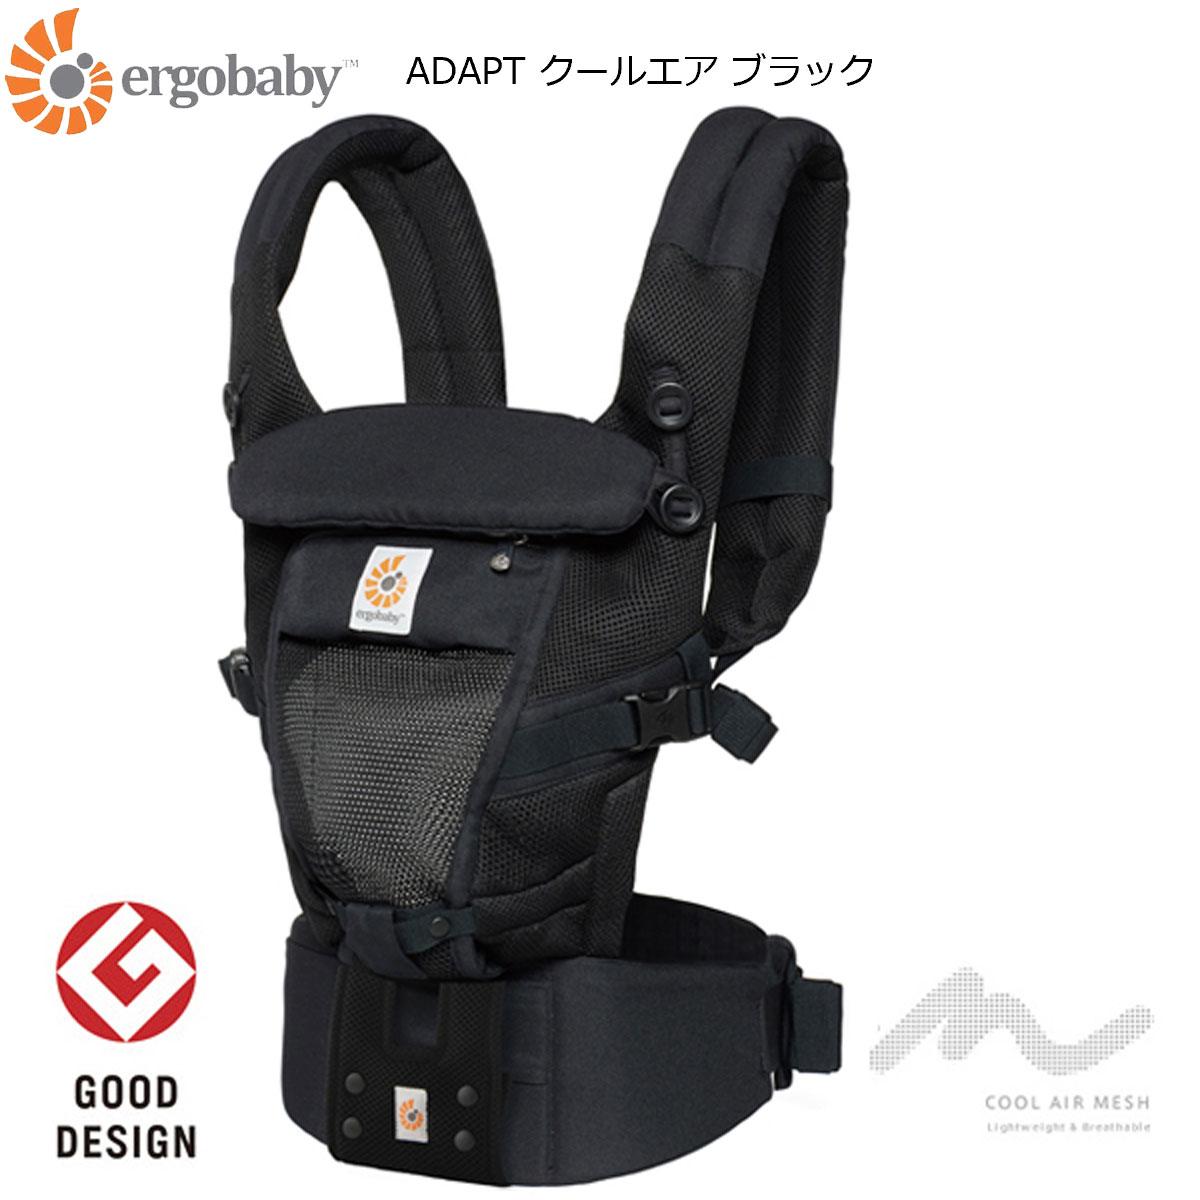 【送料無料】 DADWAY エルゴベビー ADAPT クールエア ブラック(CREGBCPEAPBLK) だっこひも ベビーキャリア【ベビー用品】対面抱き 腰抱き おんぶ 最長2年保証 新生児から20kgまで 日本正規品